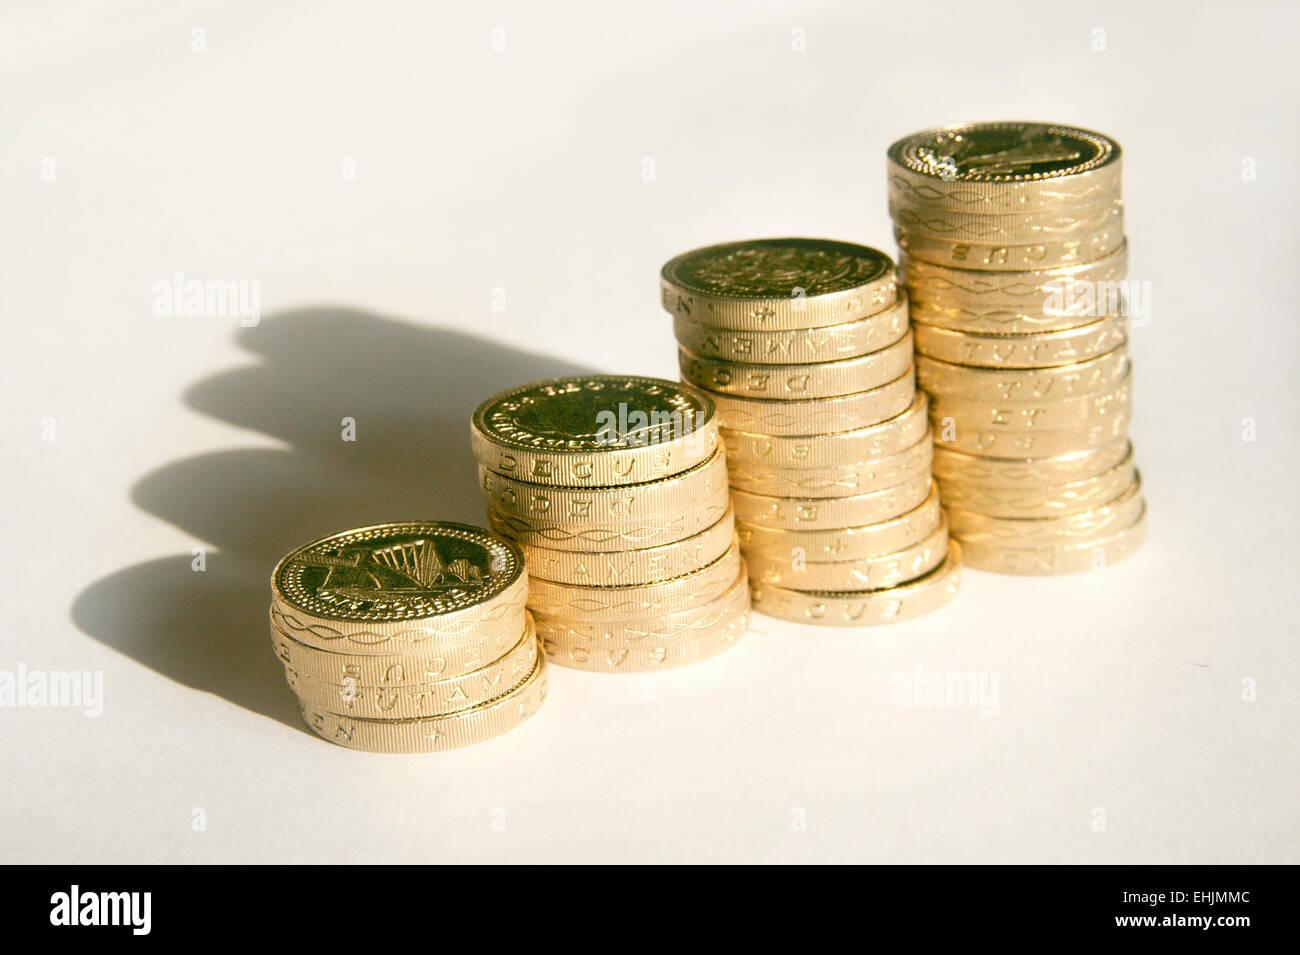 Bargeld Sterling Pfund Münzen uk England sparen sparen Wirtschaft Wirtschaftswissenschaften Inflation Stockbild